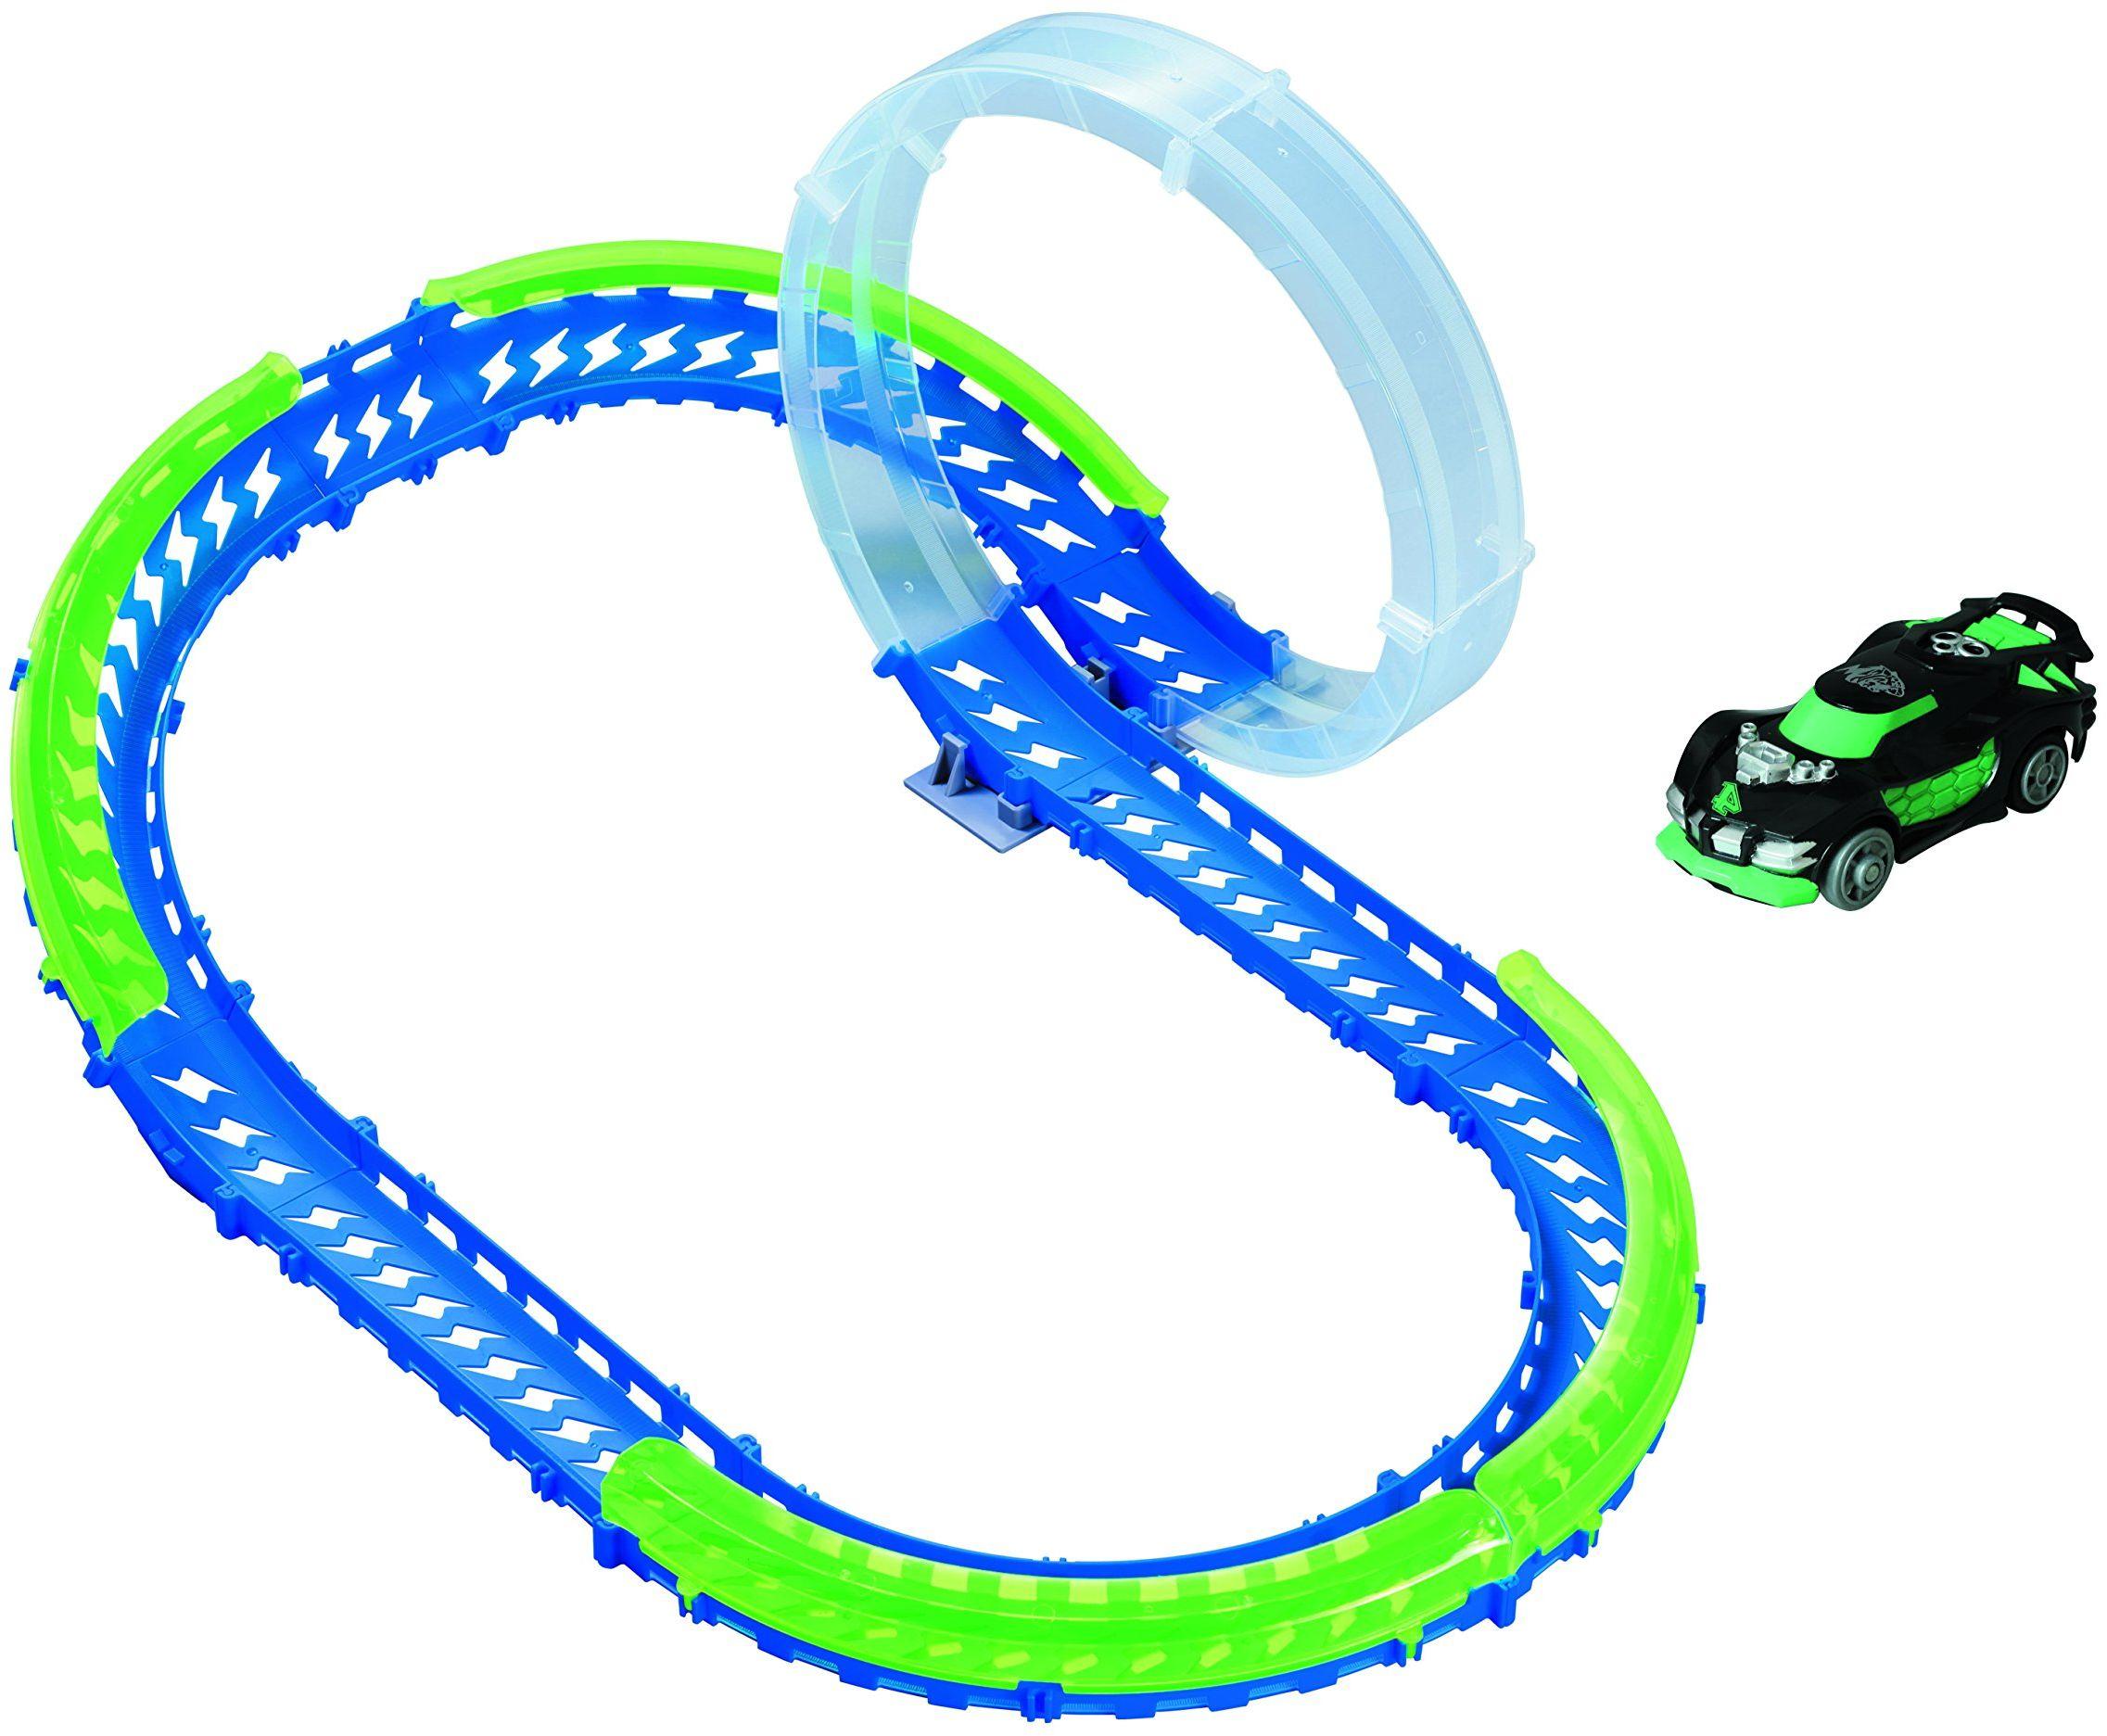 Wave Racers - Zestaw rajdowych śledzi Sky Loop